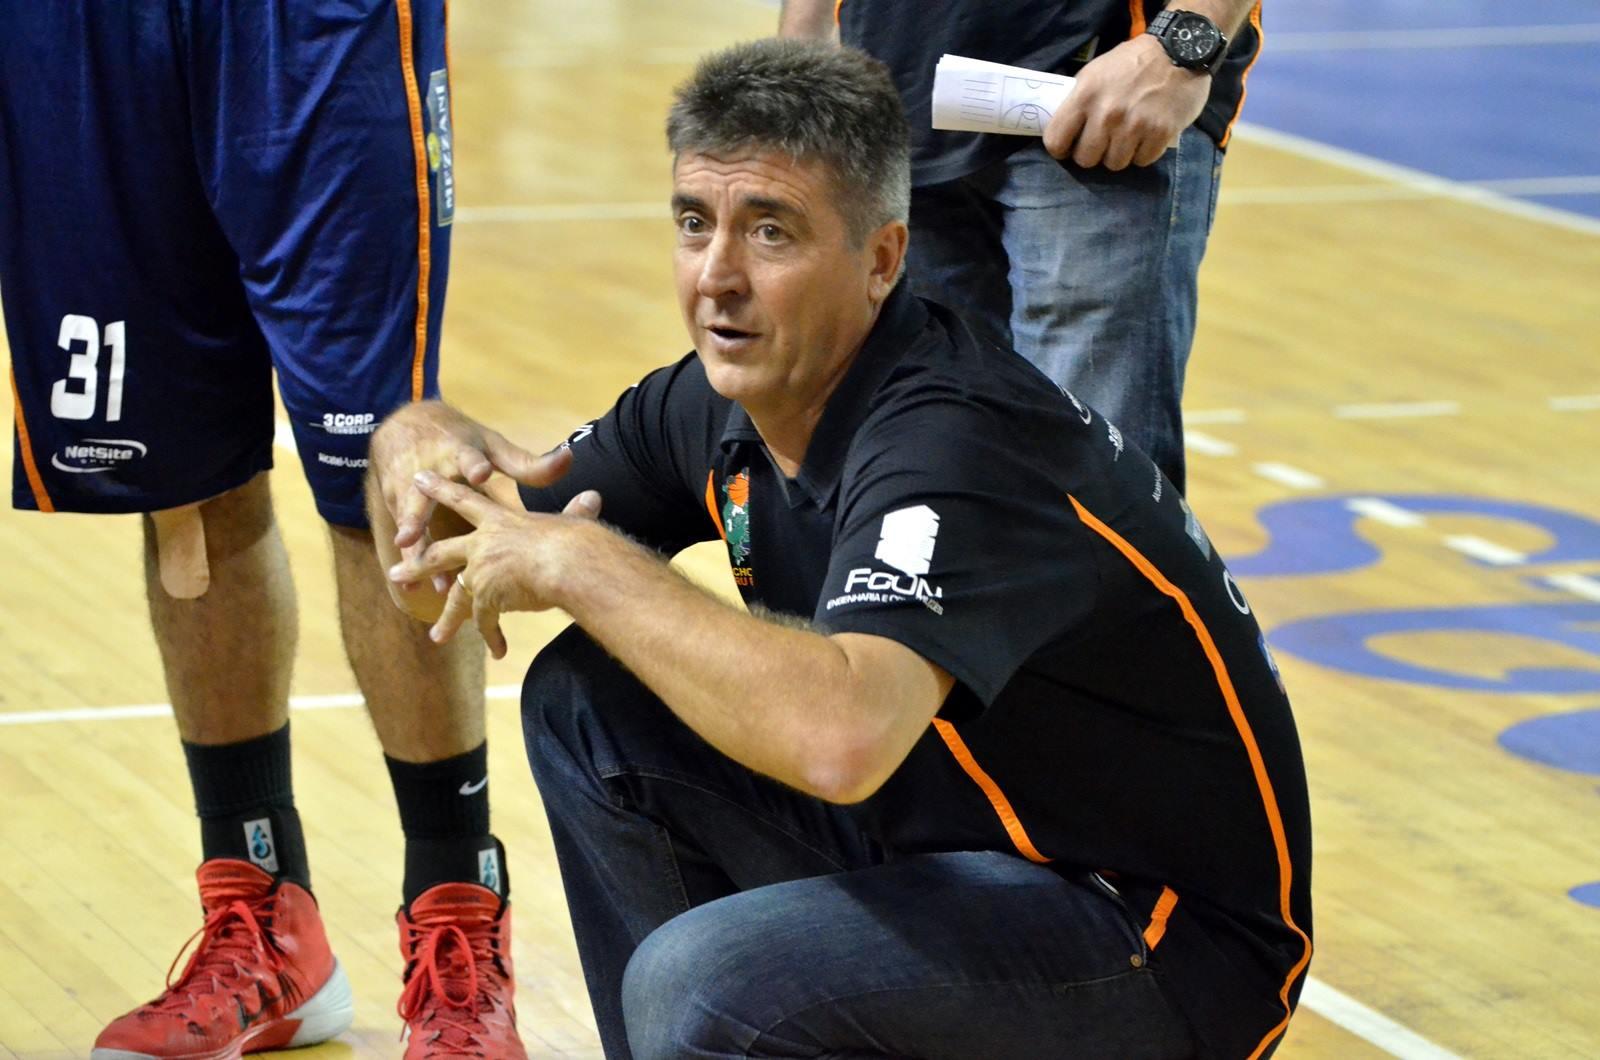 Com 106 vitórias, Guerrinha ultrapassou Hélio Rubens e se tornou o técnico com o maior número de triunfos na história do NBB (Caio Casagrande/Bauru Basket)